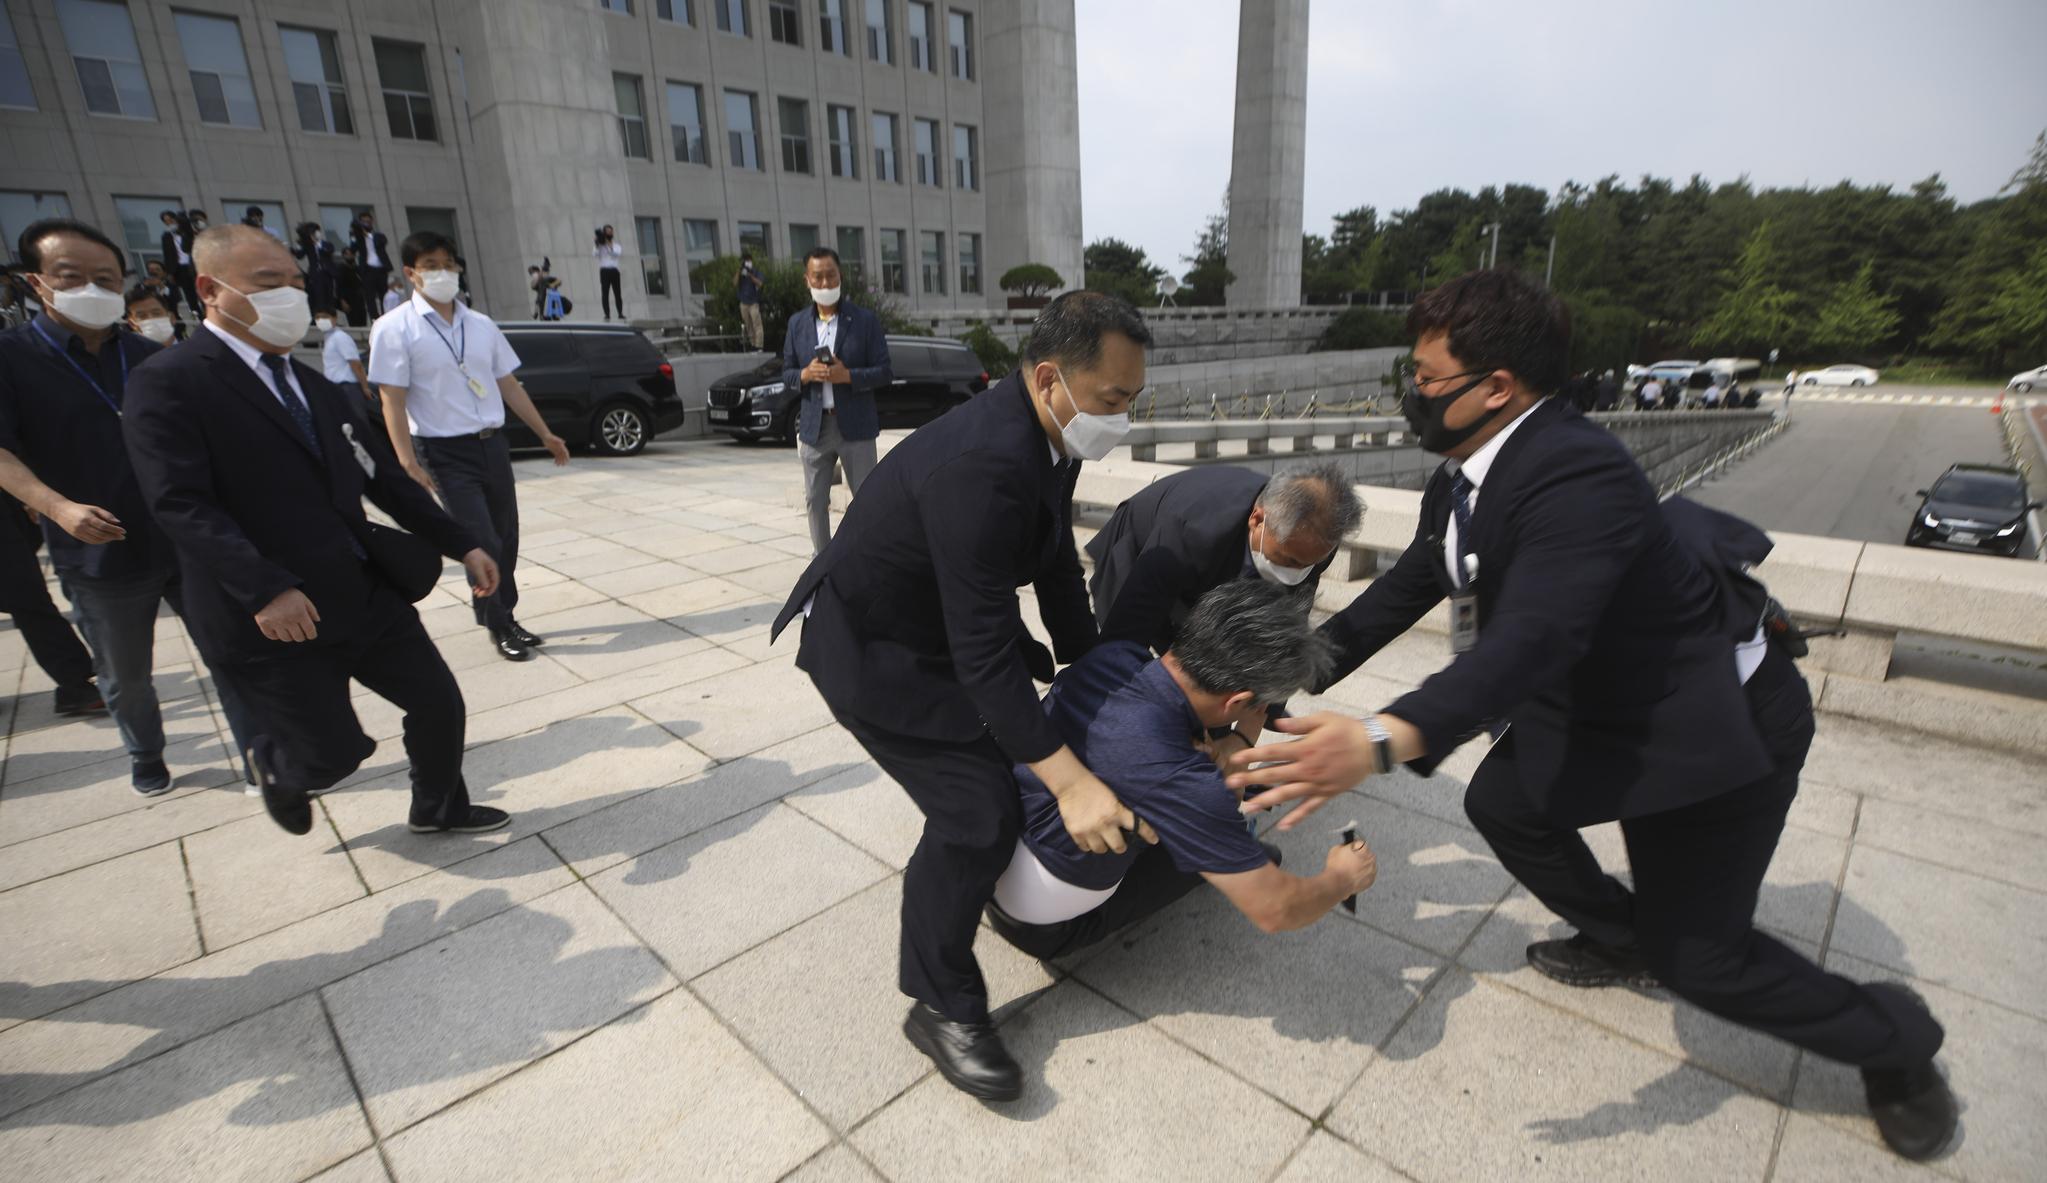 지난 7월 16일 문재인 대통령을 향해 신발을 던진 50대 남성이 경호원들에게 제지당하고 있는 모습. 신발은 문 대통령 근처계단에 떨어졌다. 뉴스1